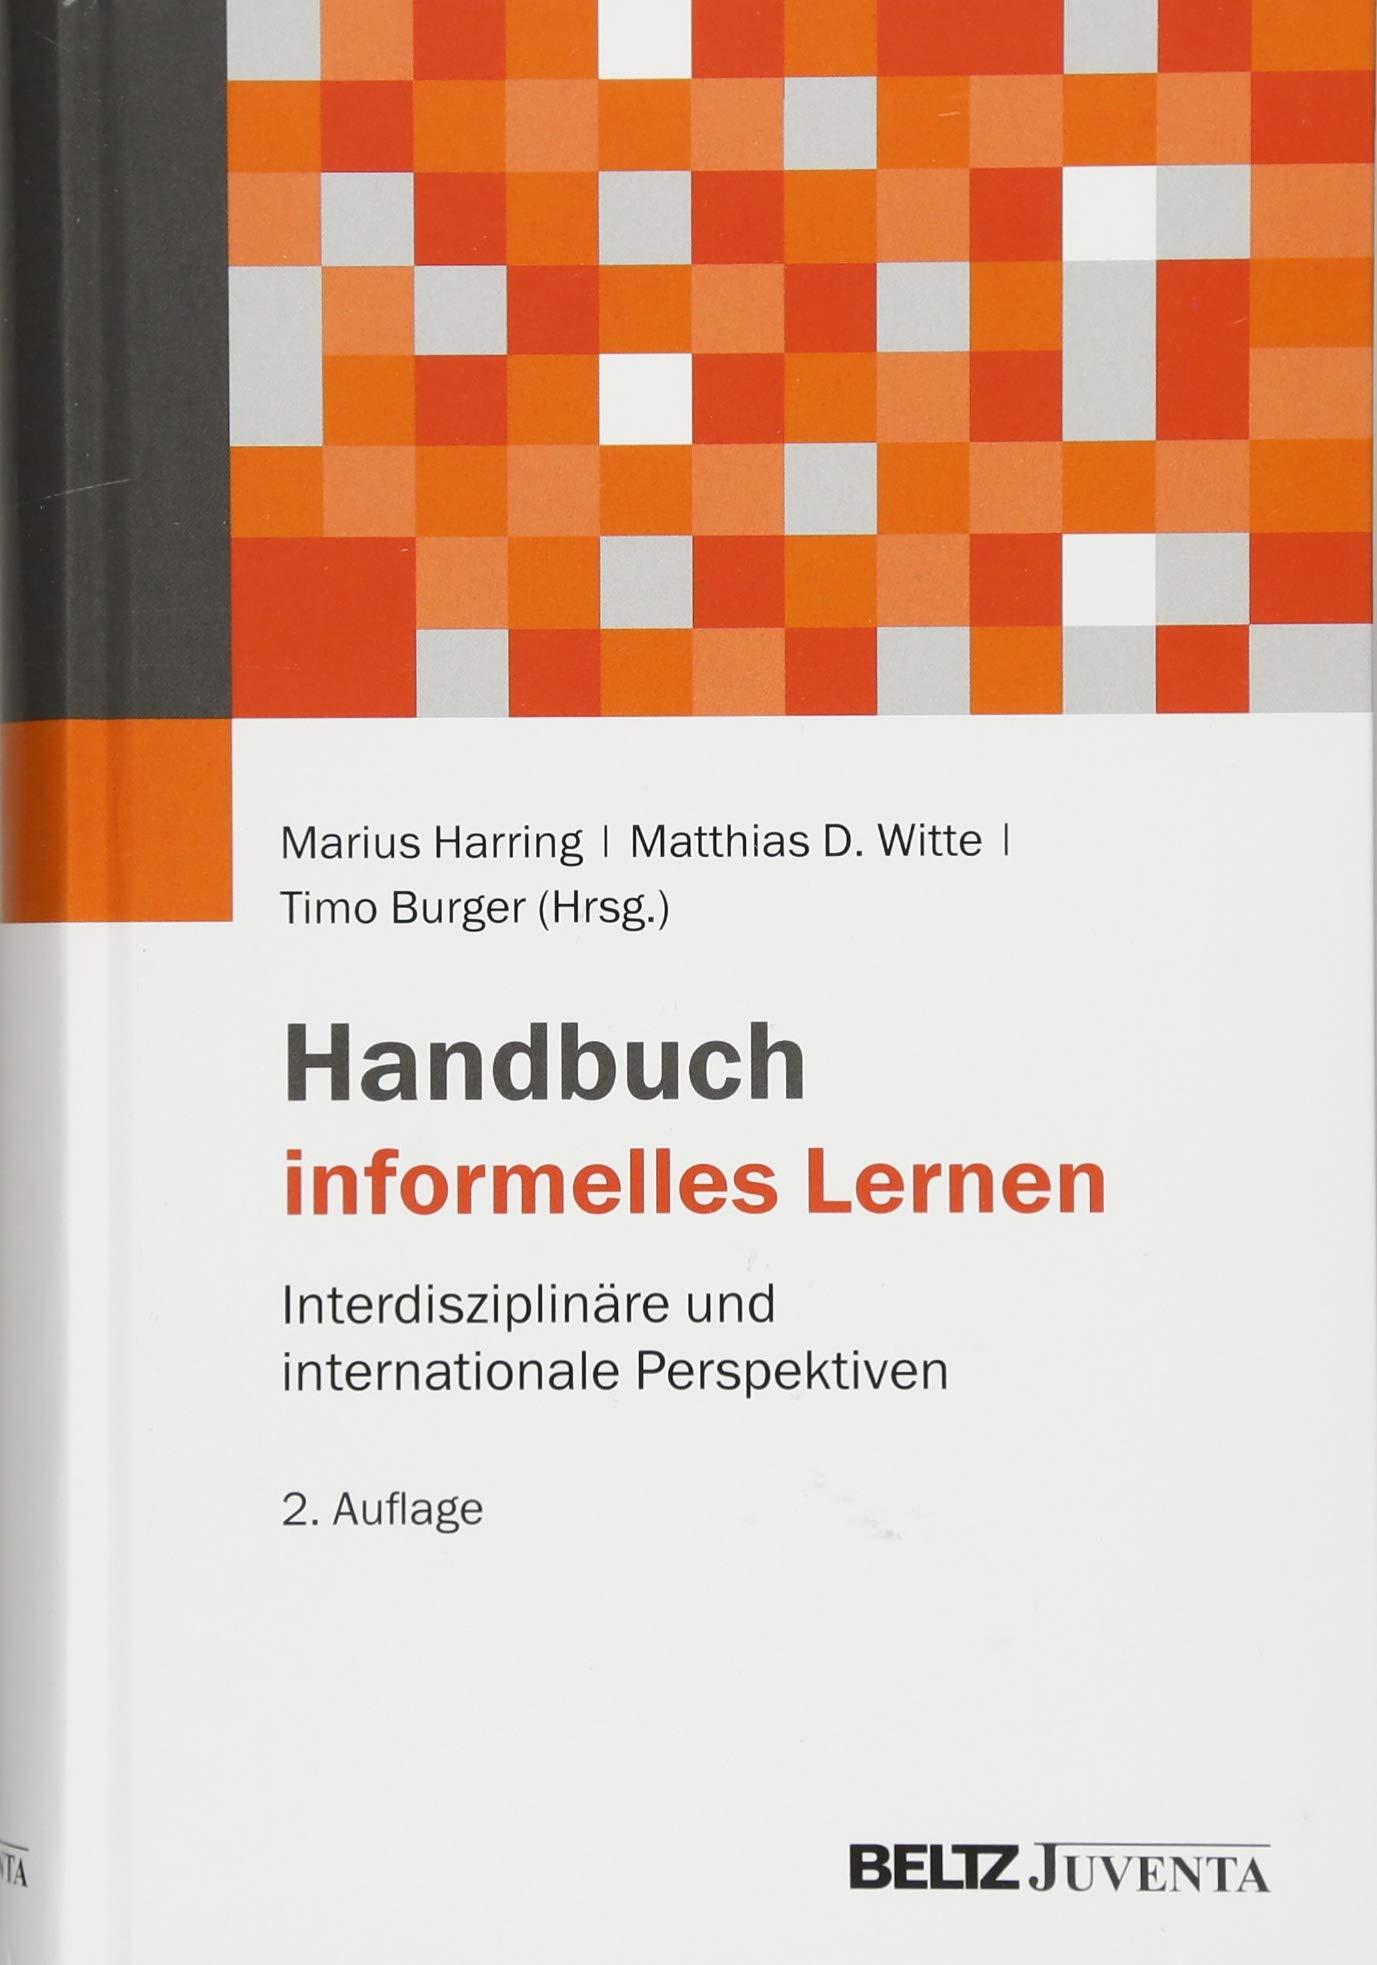 Handbuch informelles Lernen: Interdisziplinäre und internationale Perspektiven Gebundenes Buch – 27. Februar 2018 Marius Harring Matthias D. Witte Timo Burger Beltz Juventa